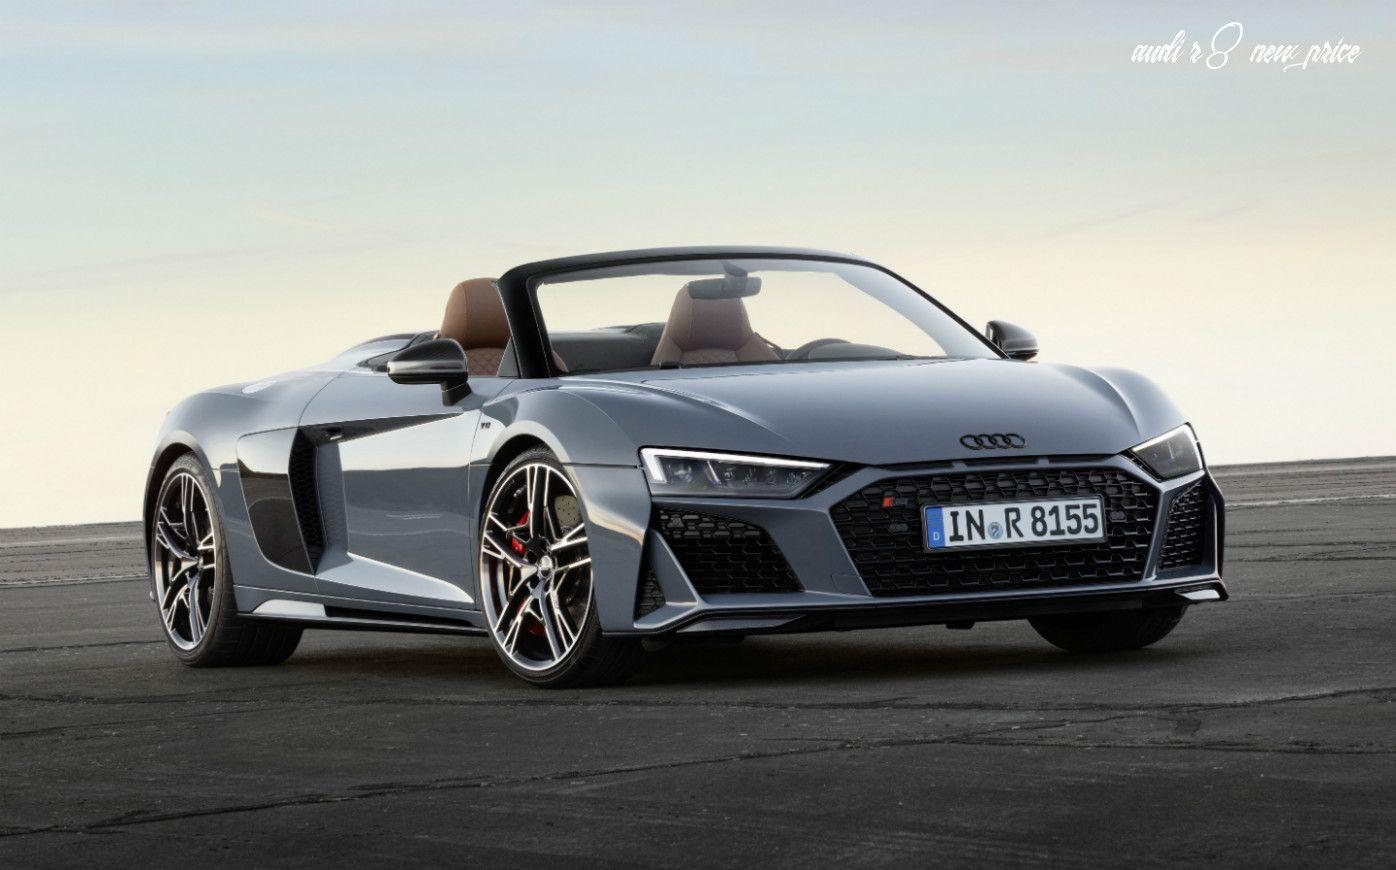 Audi R8 New Price Specs And Review In 2020 Audi R8 Spyder Audi R8 V10 Audi R8 Wallpaper